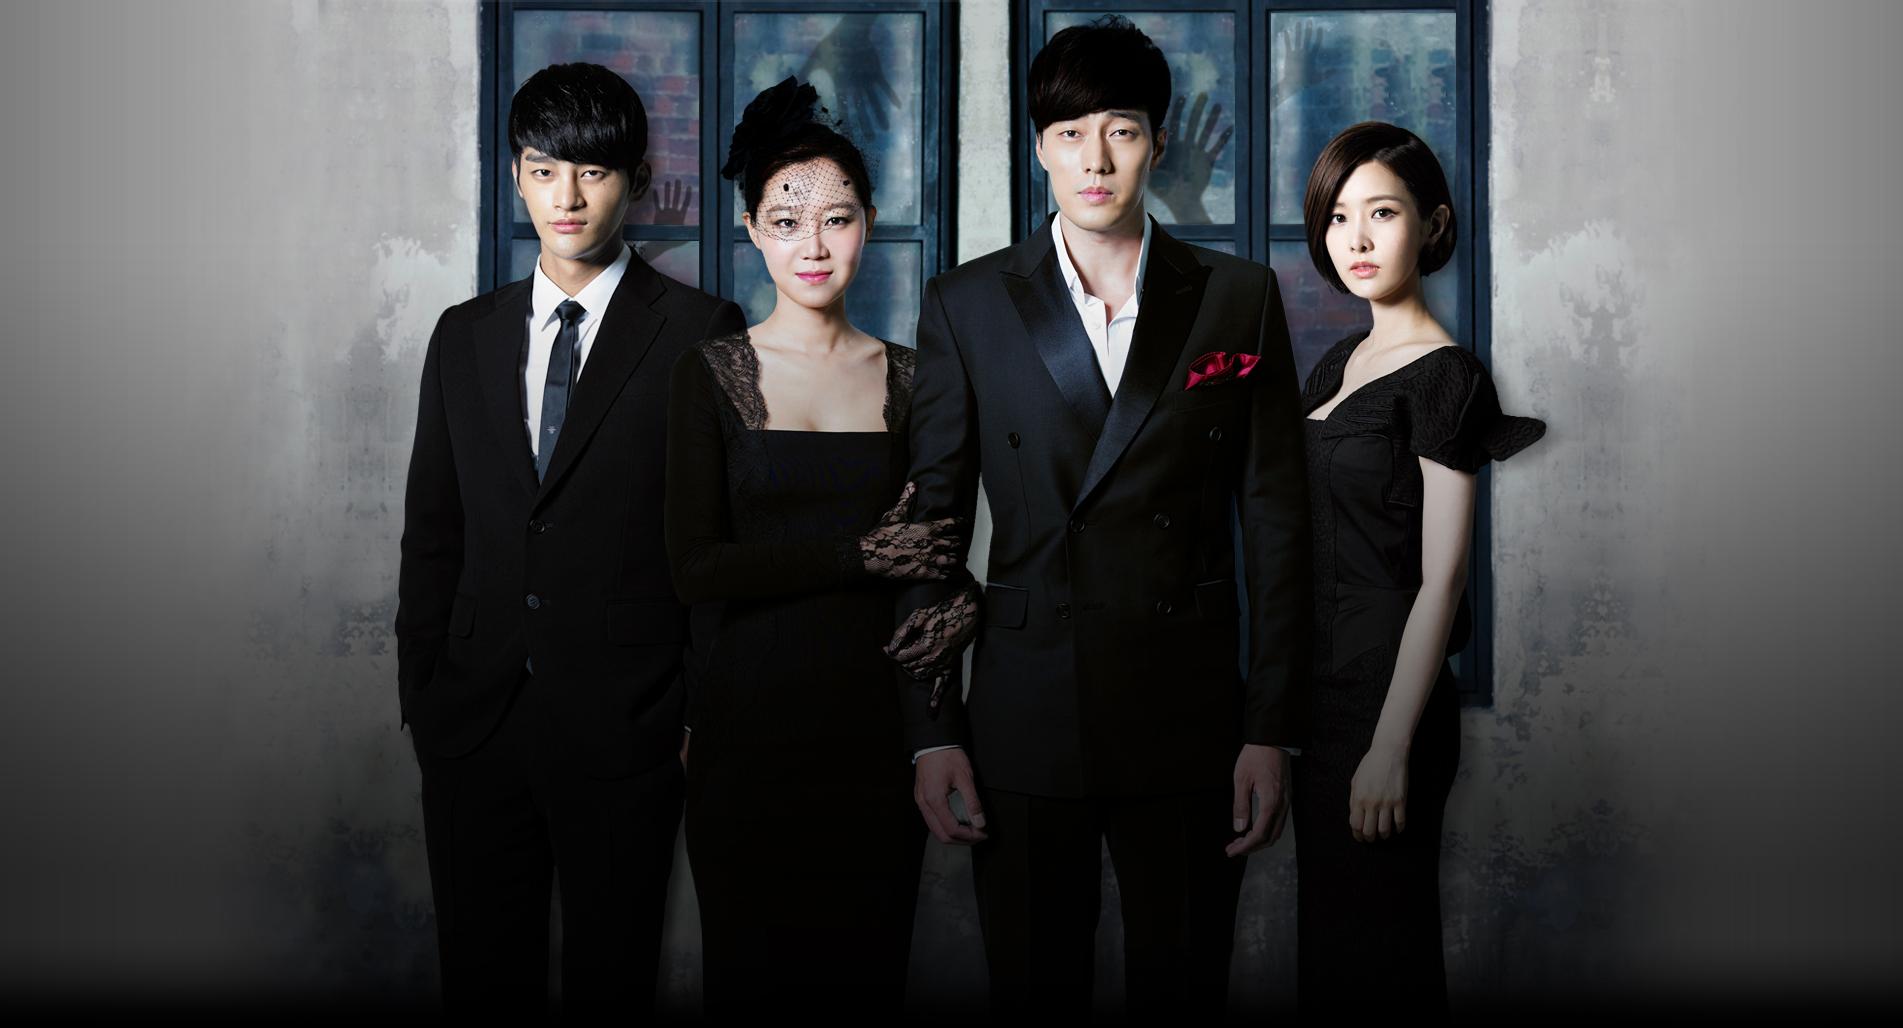 [韓劇] 주군의 태양 (主君的太陽) (2013) Masters%20Sun%20bg3